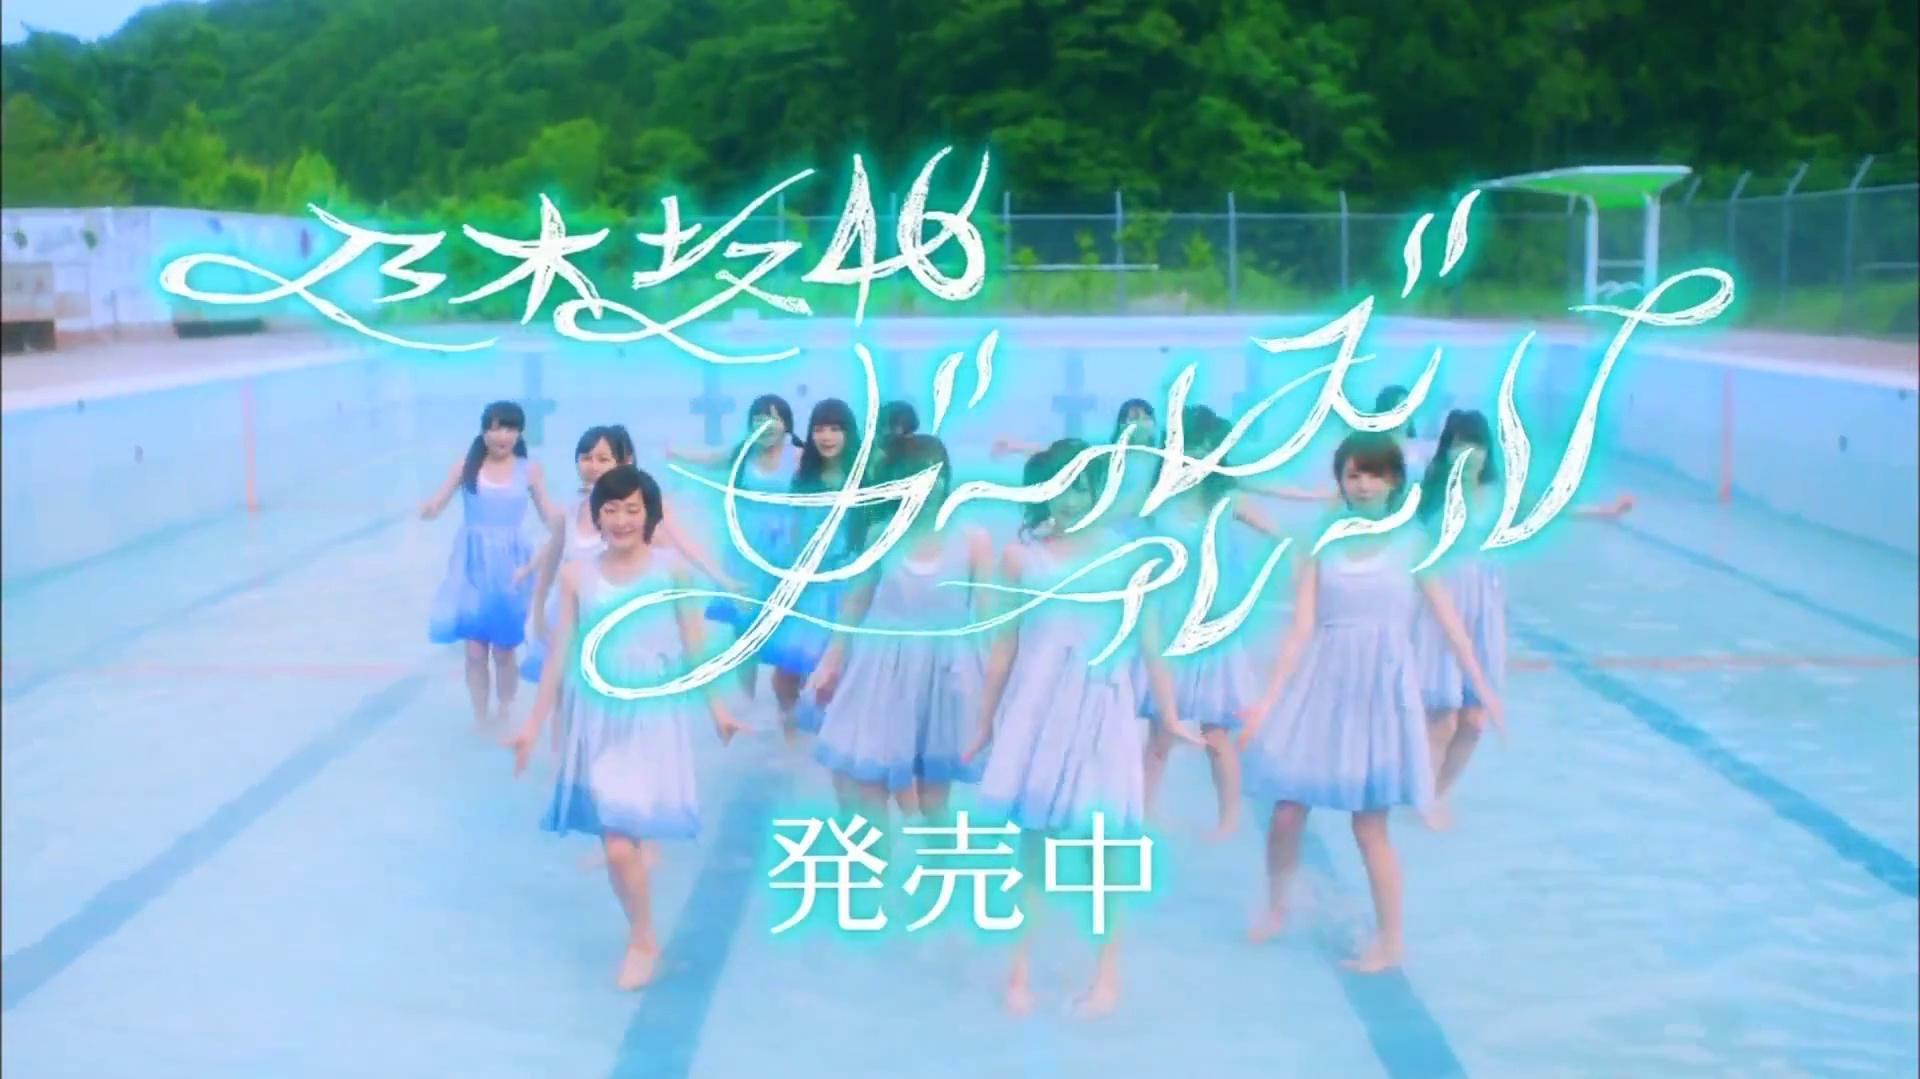 乃木坂46 ガールズルール CM